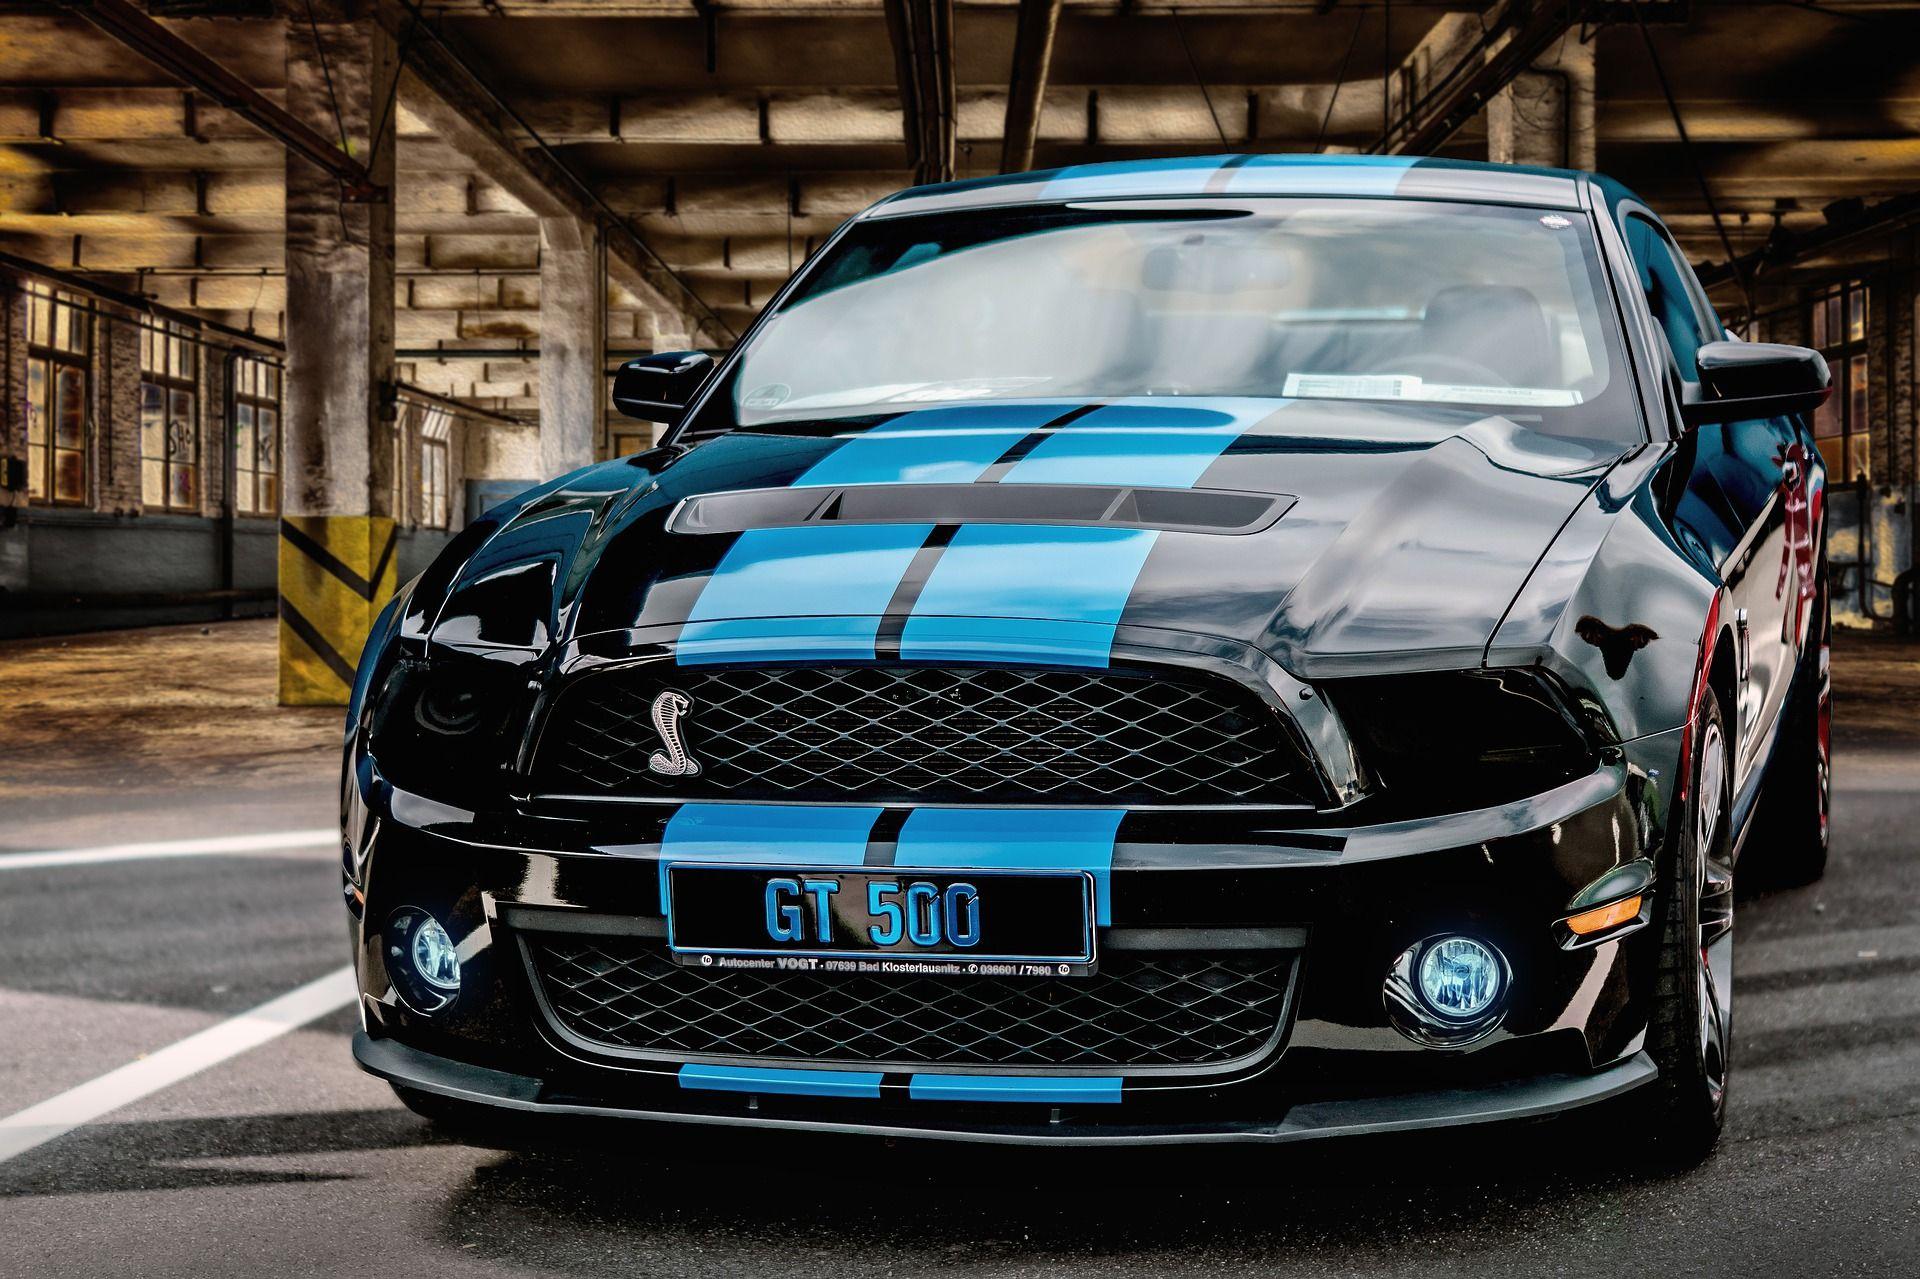 Rotulación para coches particulares y de empresas